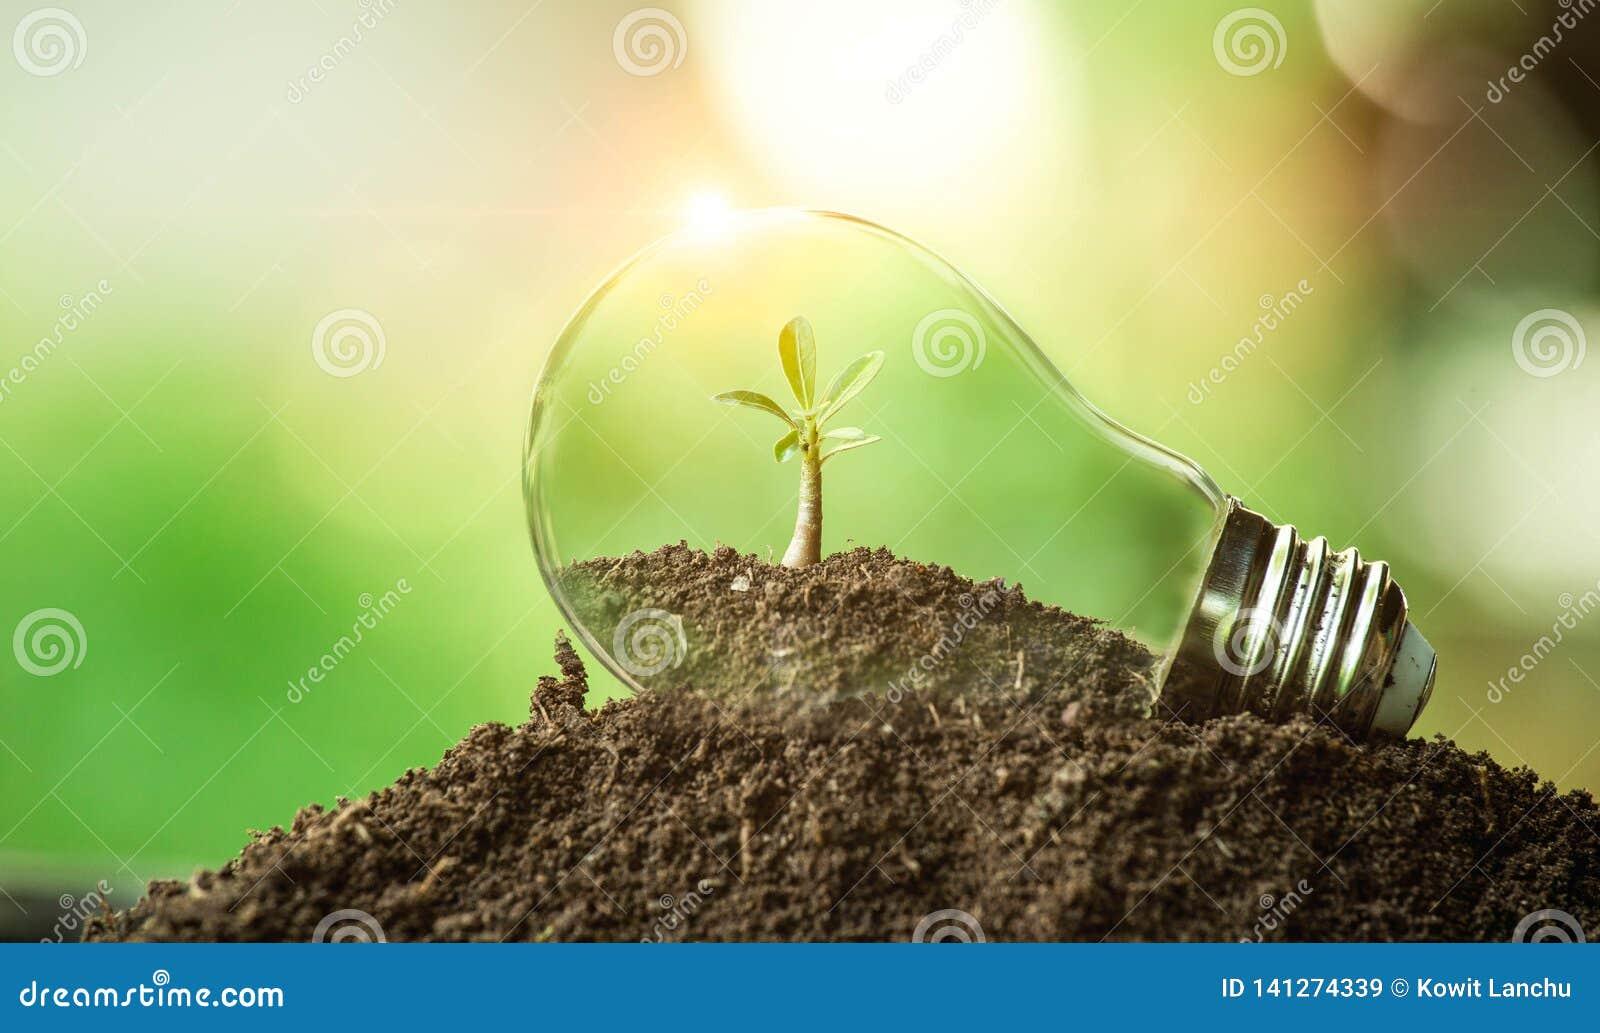 Дерево растя на почве в электрической лампочке Творческая идея дня земли или сохранить энергию и концепцию окружающей среды